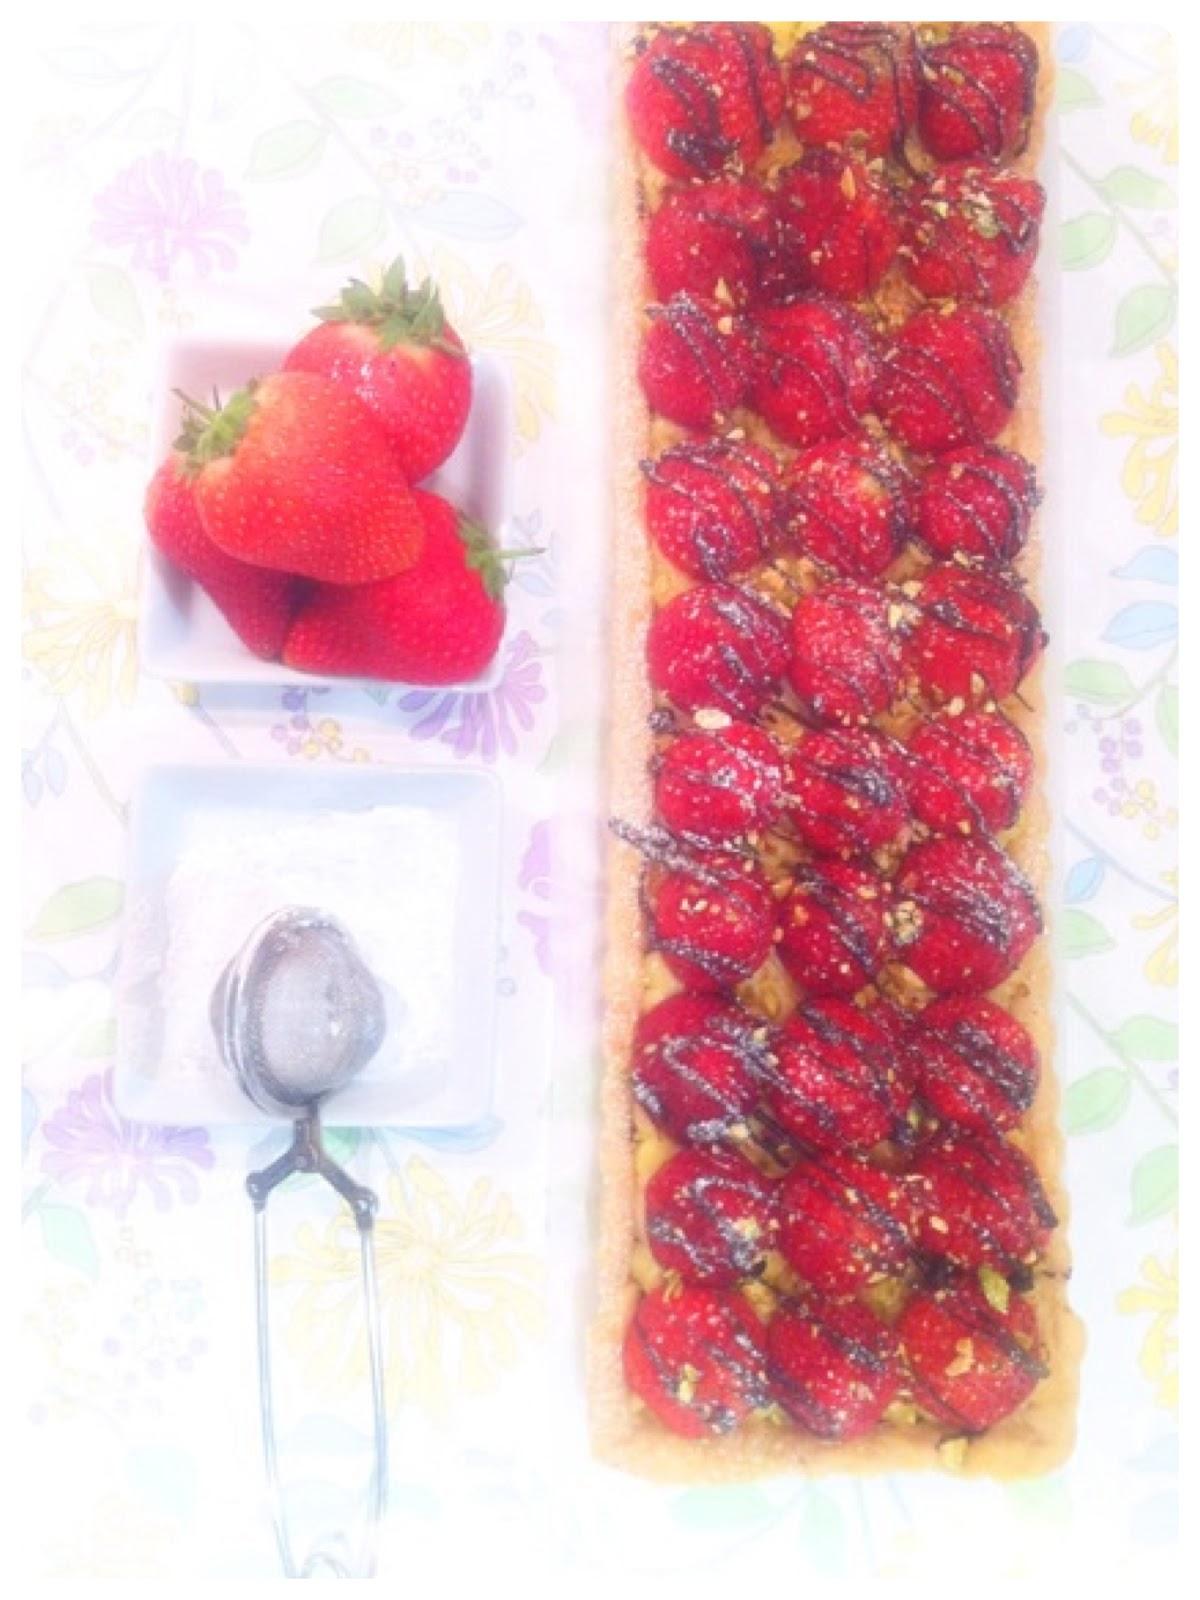 Strawberry Tart Cherie Kelly Cake London